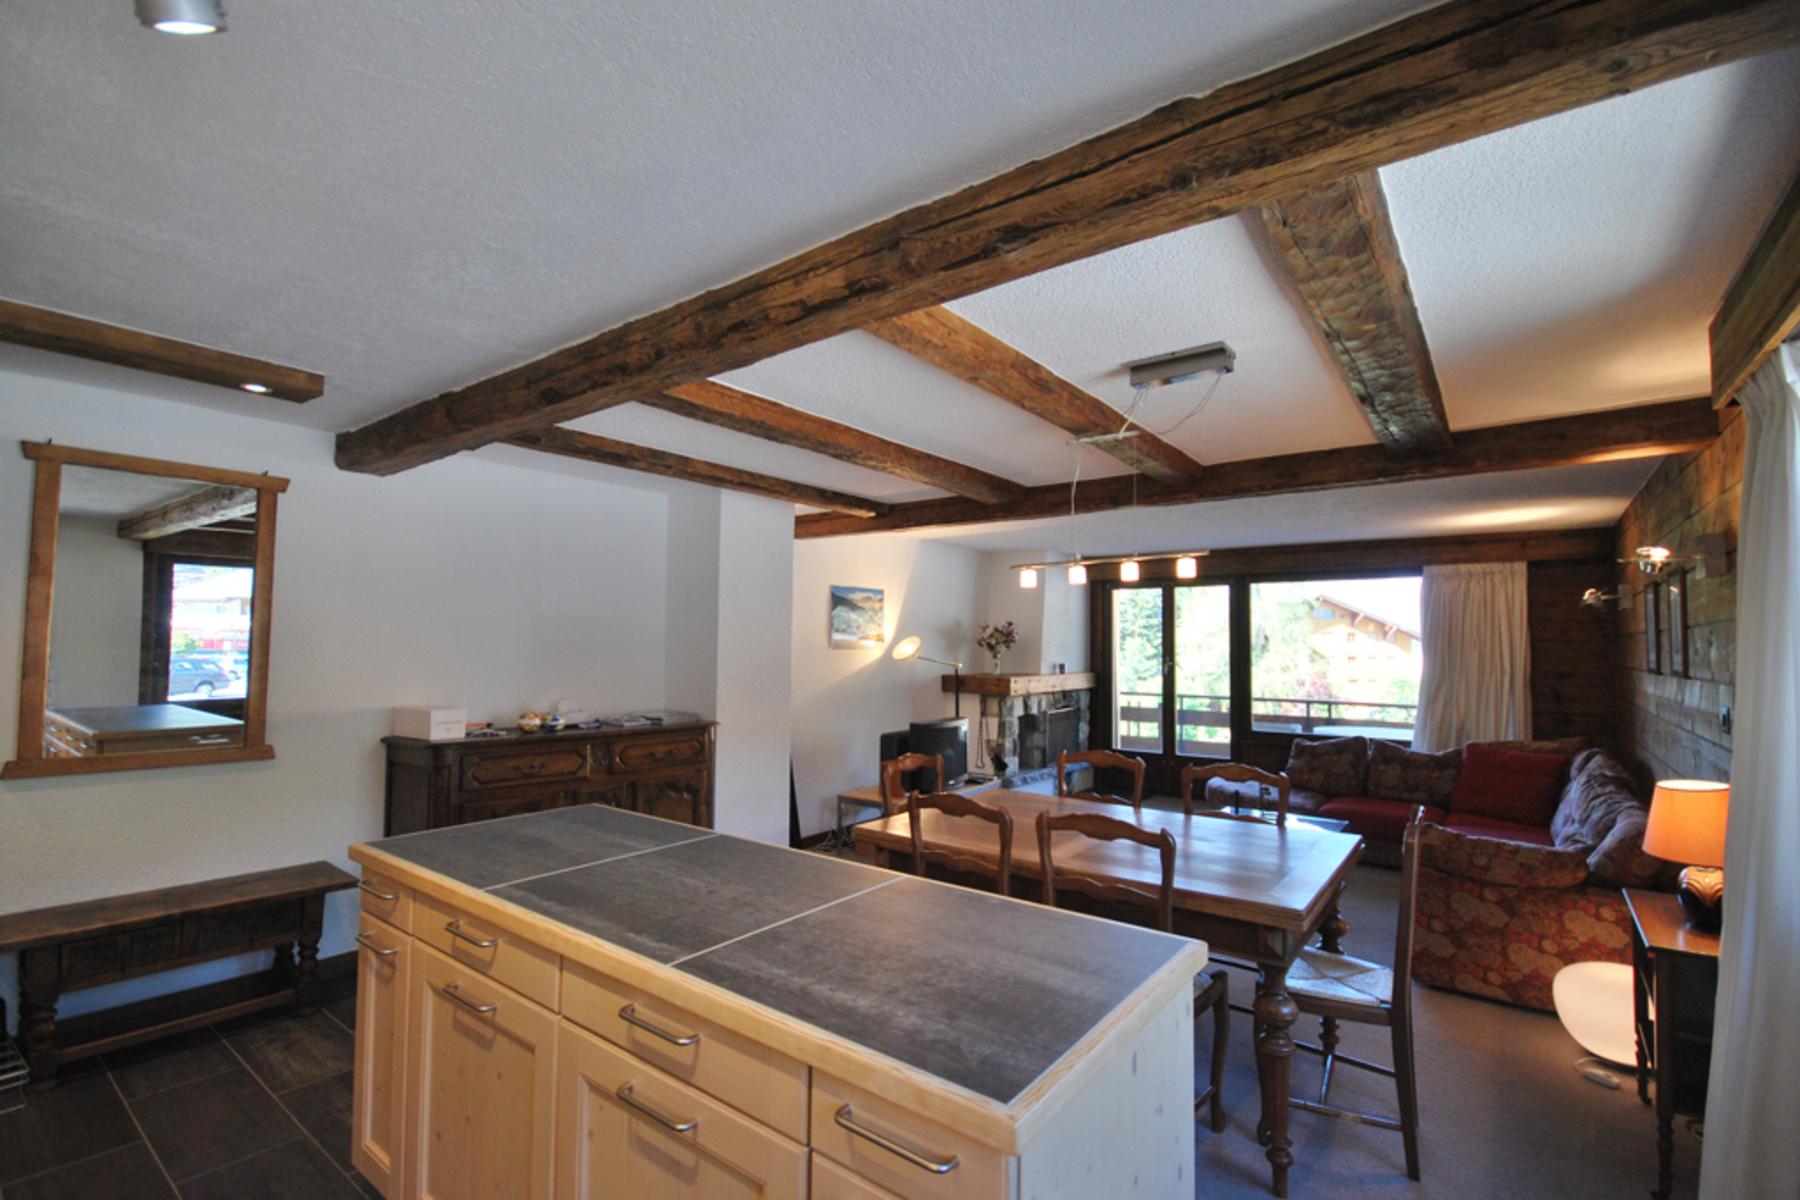 Condominio por un Venta en Charming dwelling in the heart of the resort Verbier, Verbier, Valais, 1936 Suiza